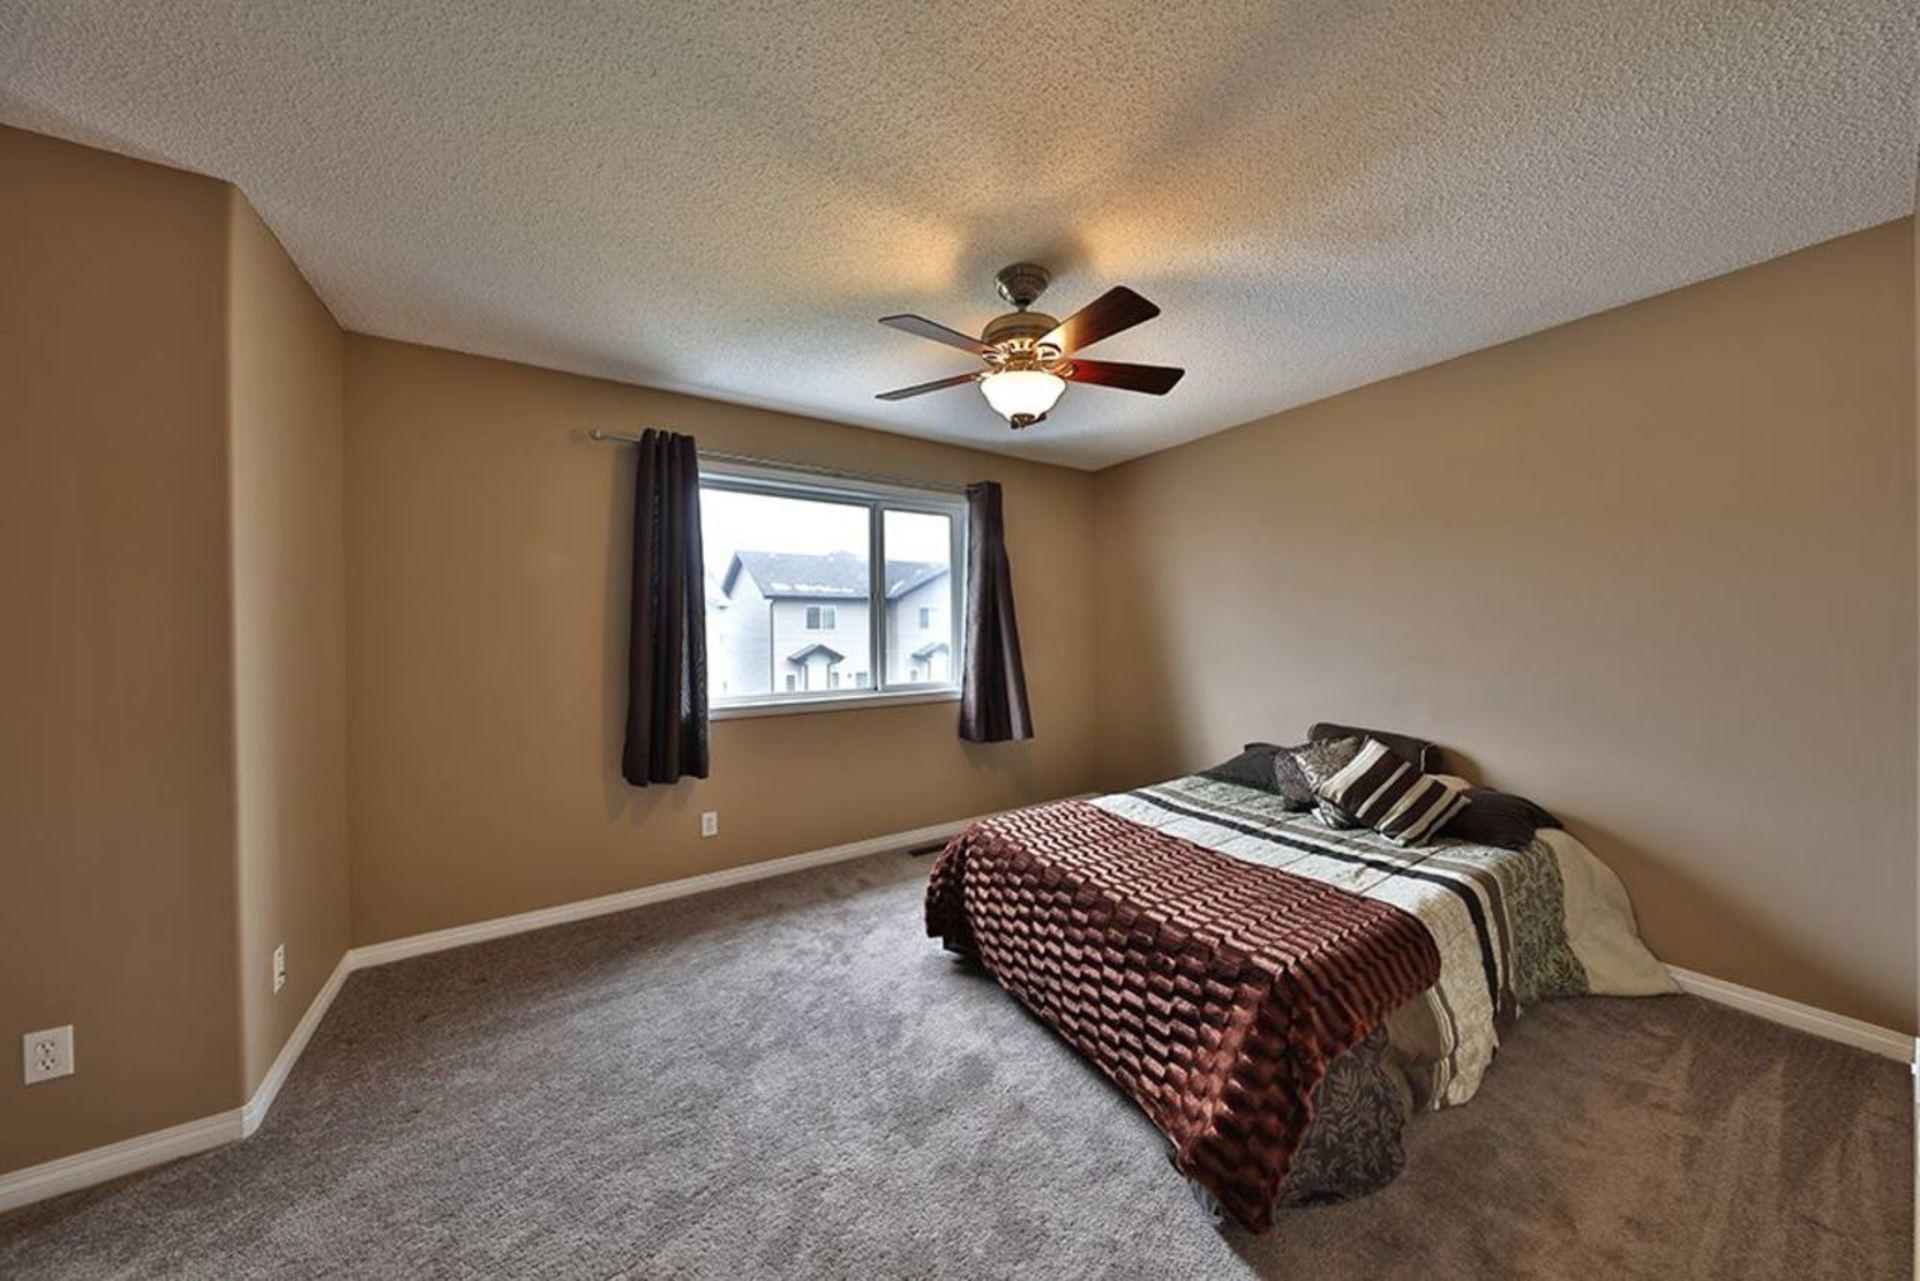 17316-119-street-canossa-edmonton-10 at 17316 119 Street, Canossa, Edmonton